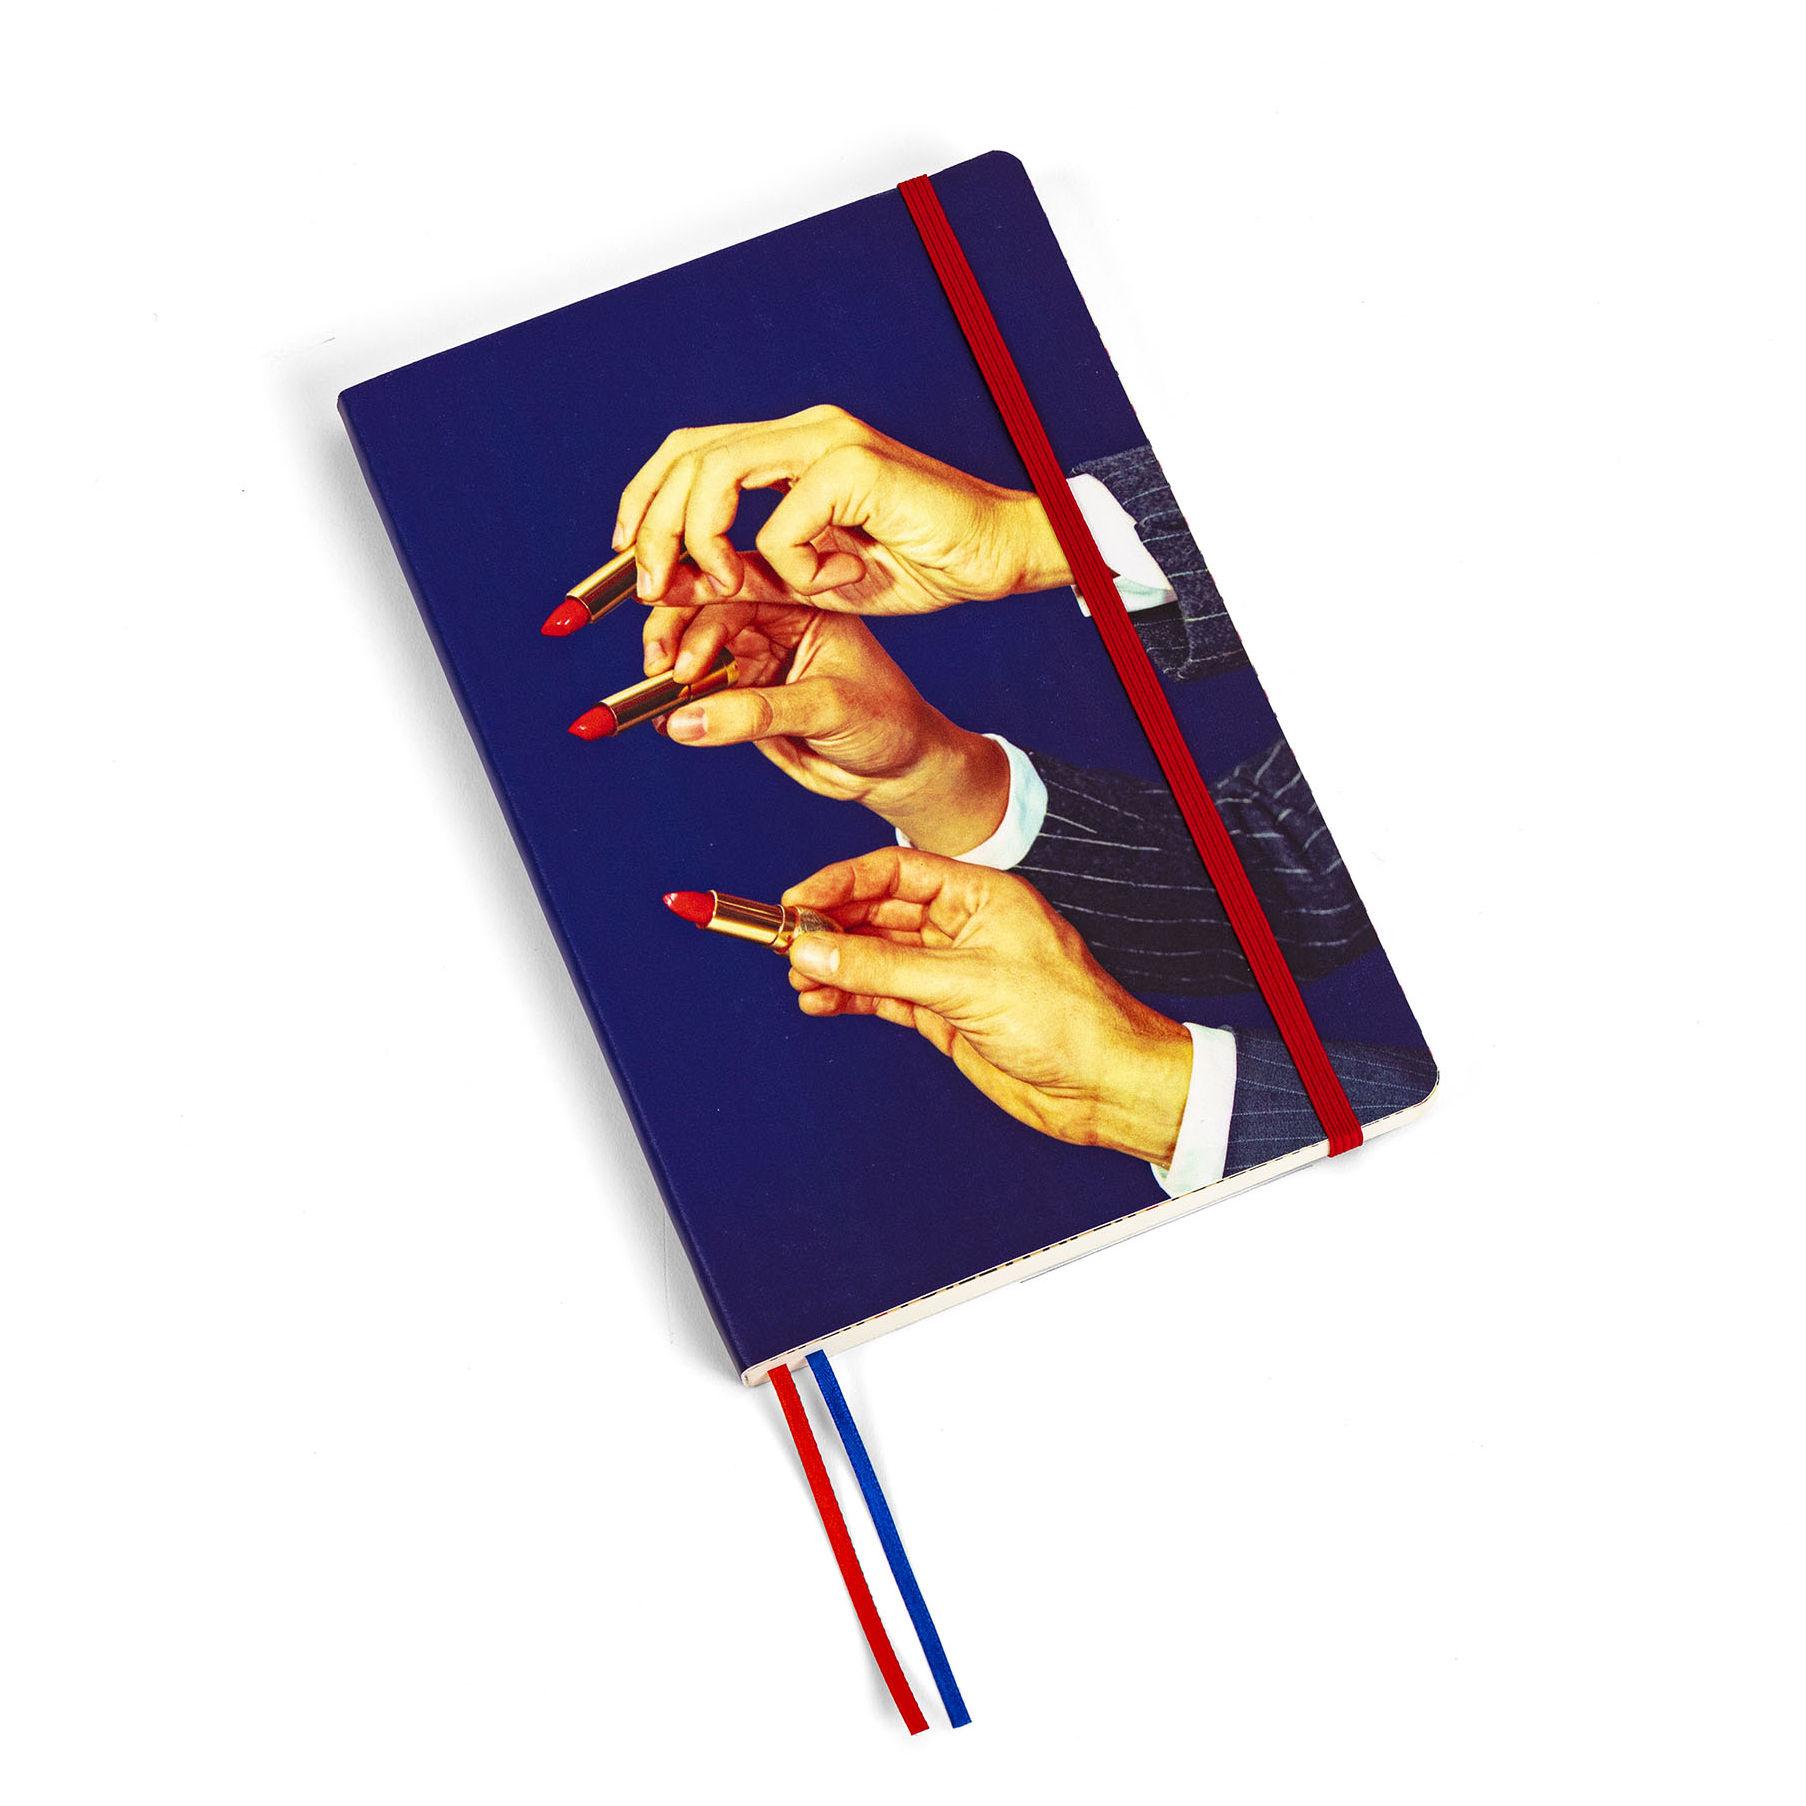 Accessori moda - Penne e Quaderni - Blocchetto Toiletpaper - / Lipsticks - Large 21 x 14 cm di Seletti - Lipsticks - Carta avorio, Poliuretano